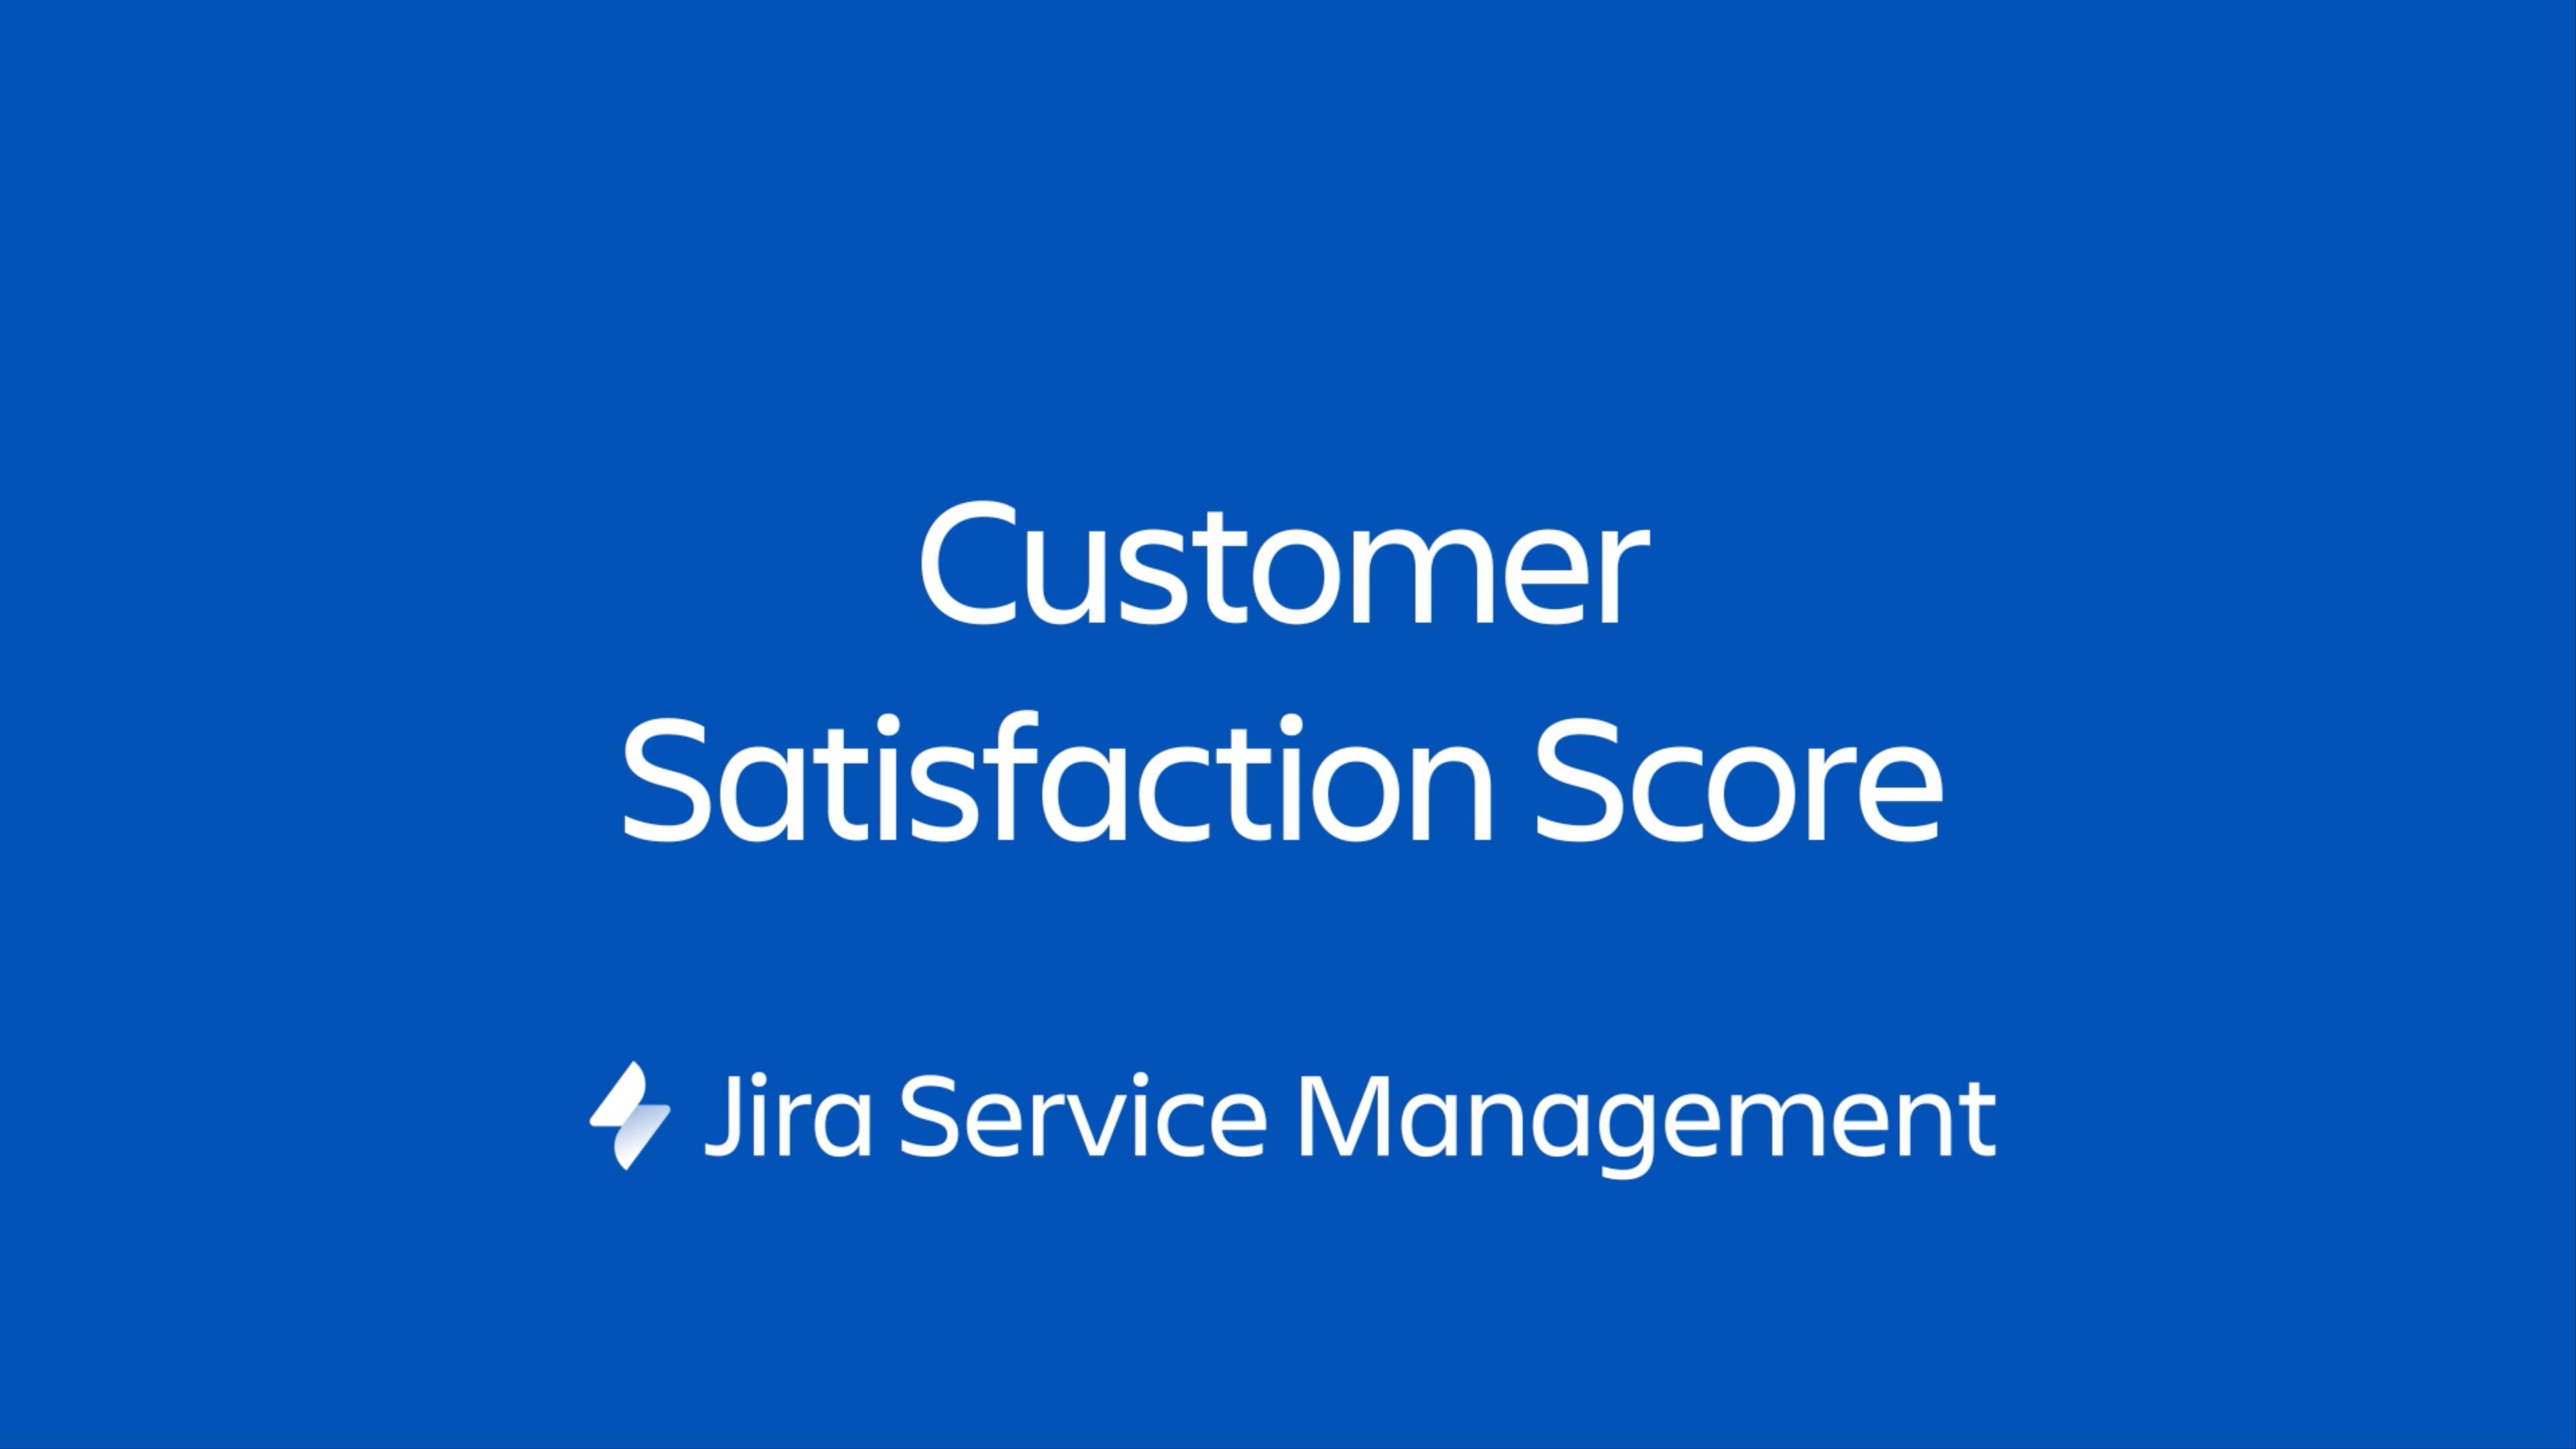 Un widget de Jira Service Management es un mini-portal que se puede integrar en cualquier página web que controles.